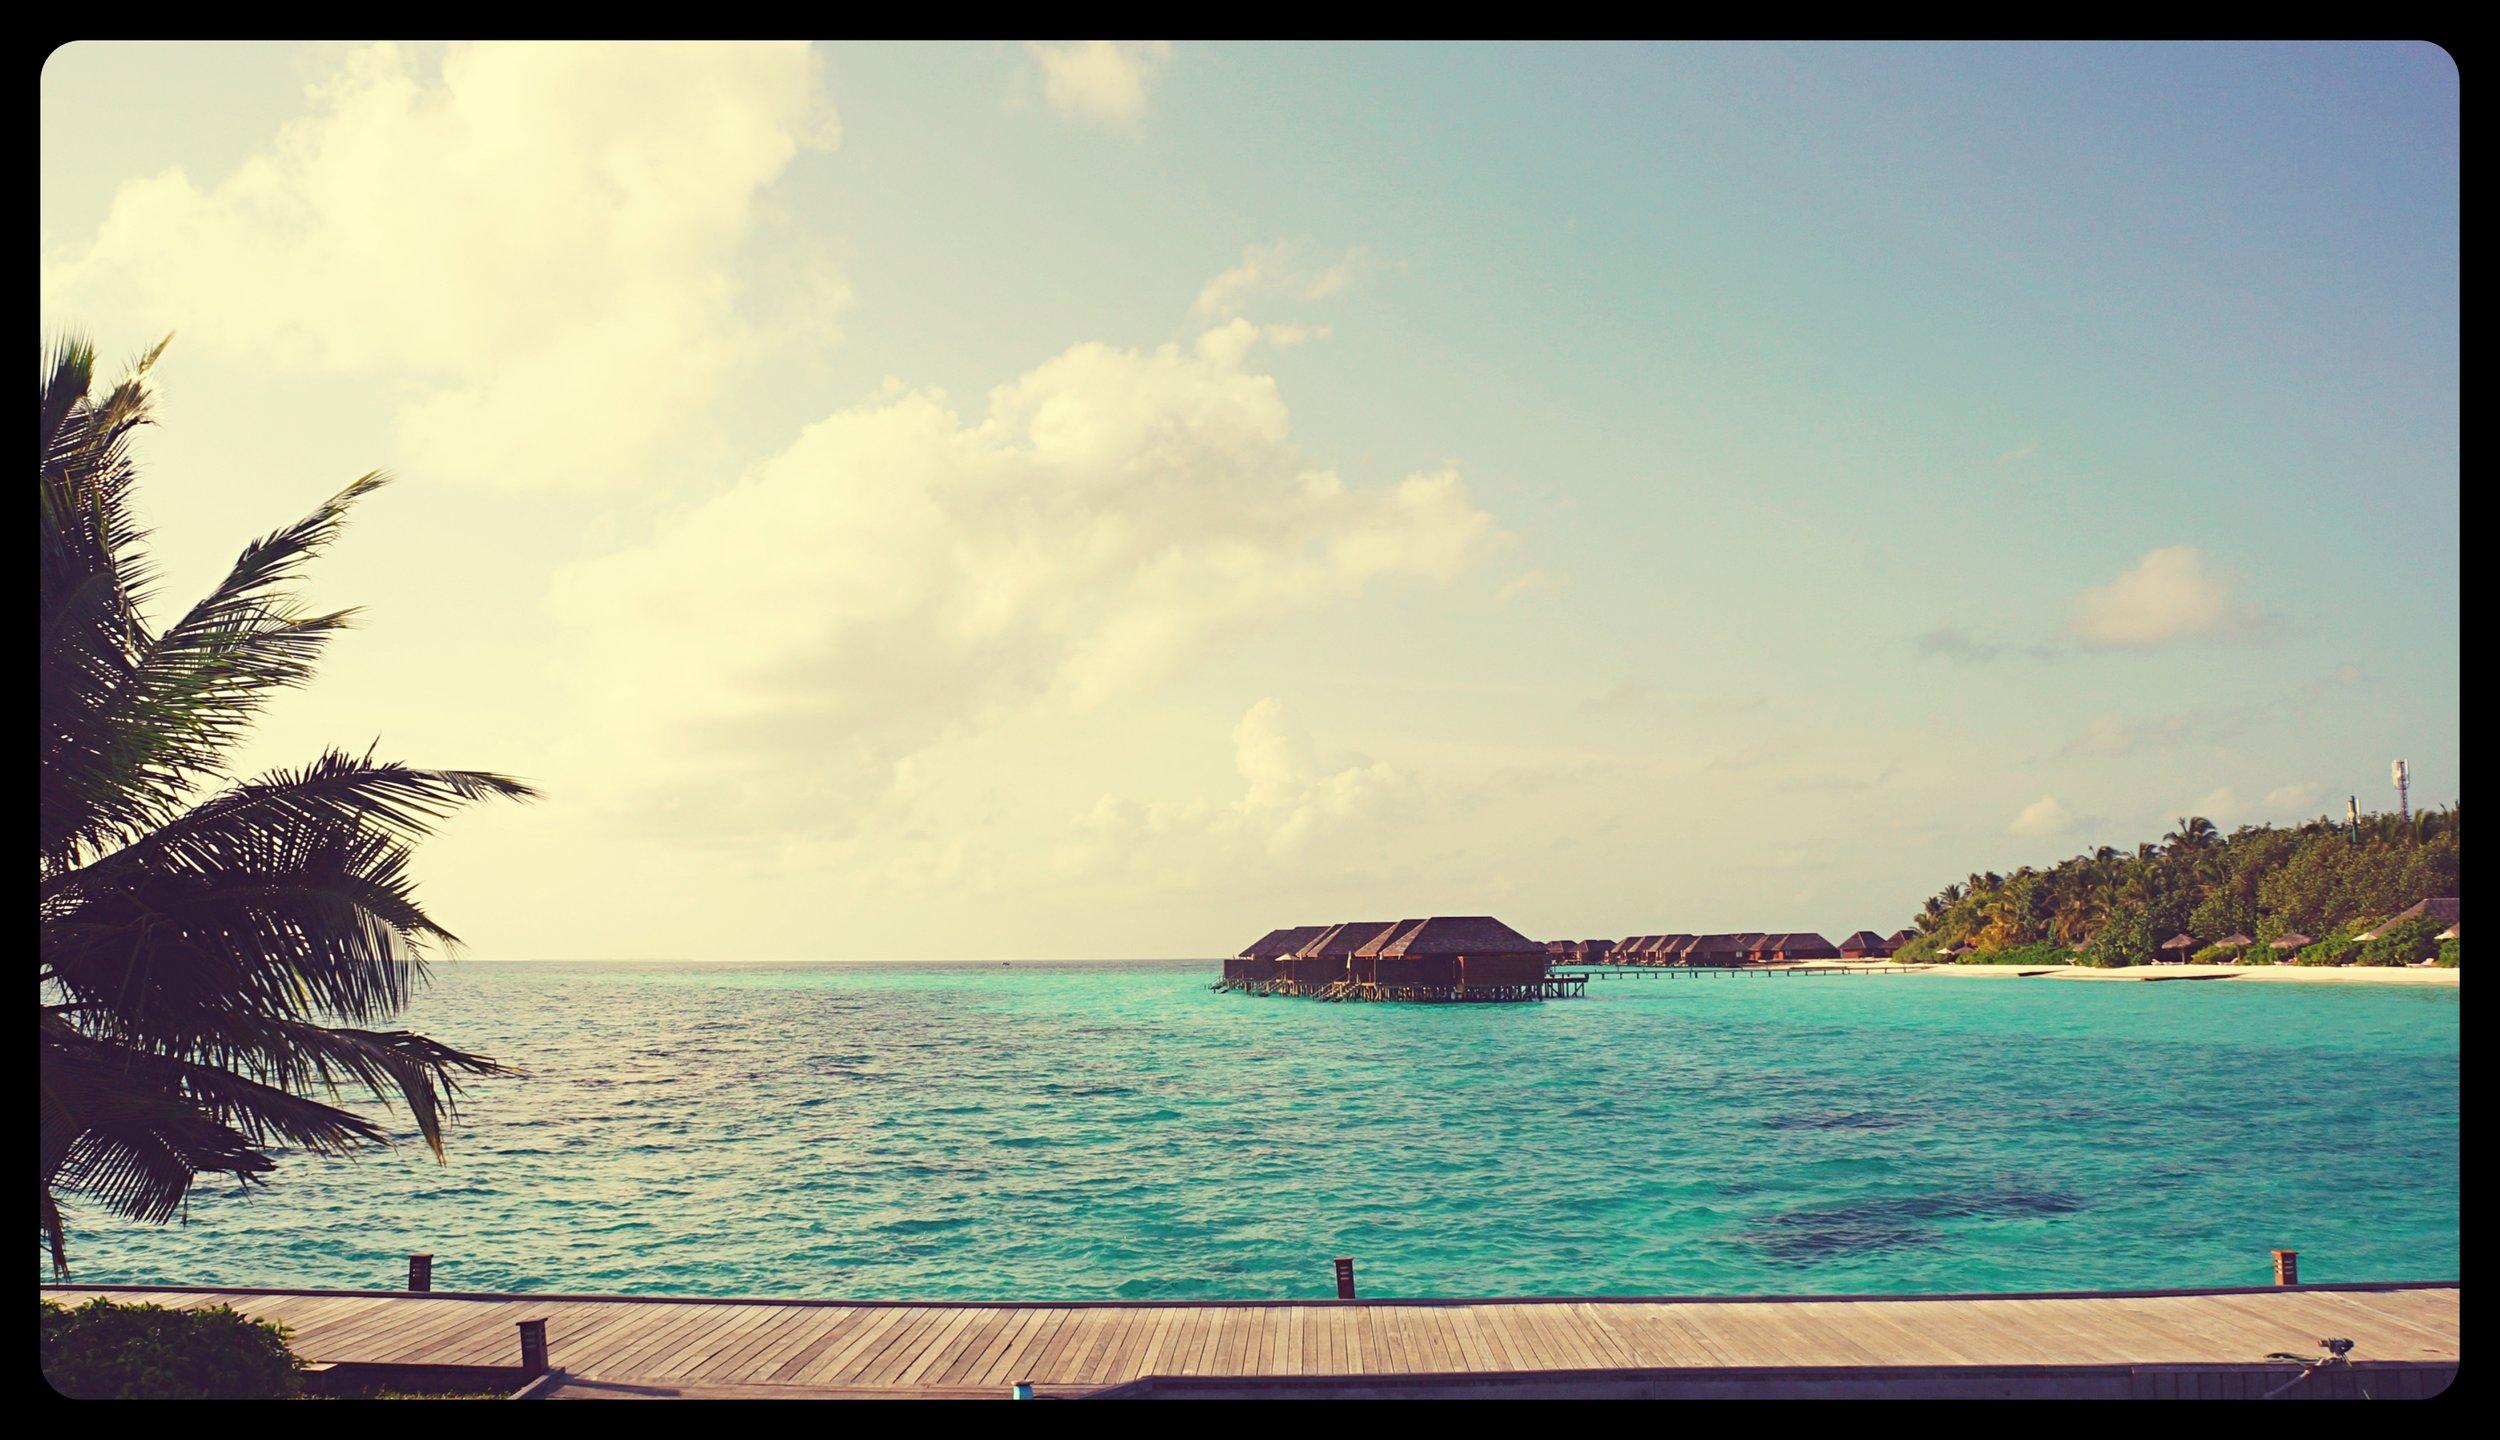 Landing on the Veligandu island